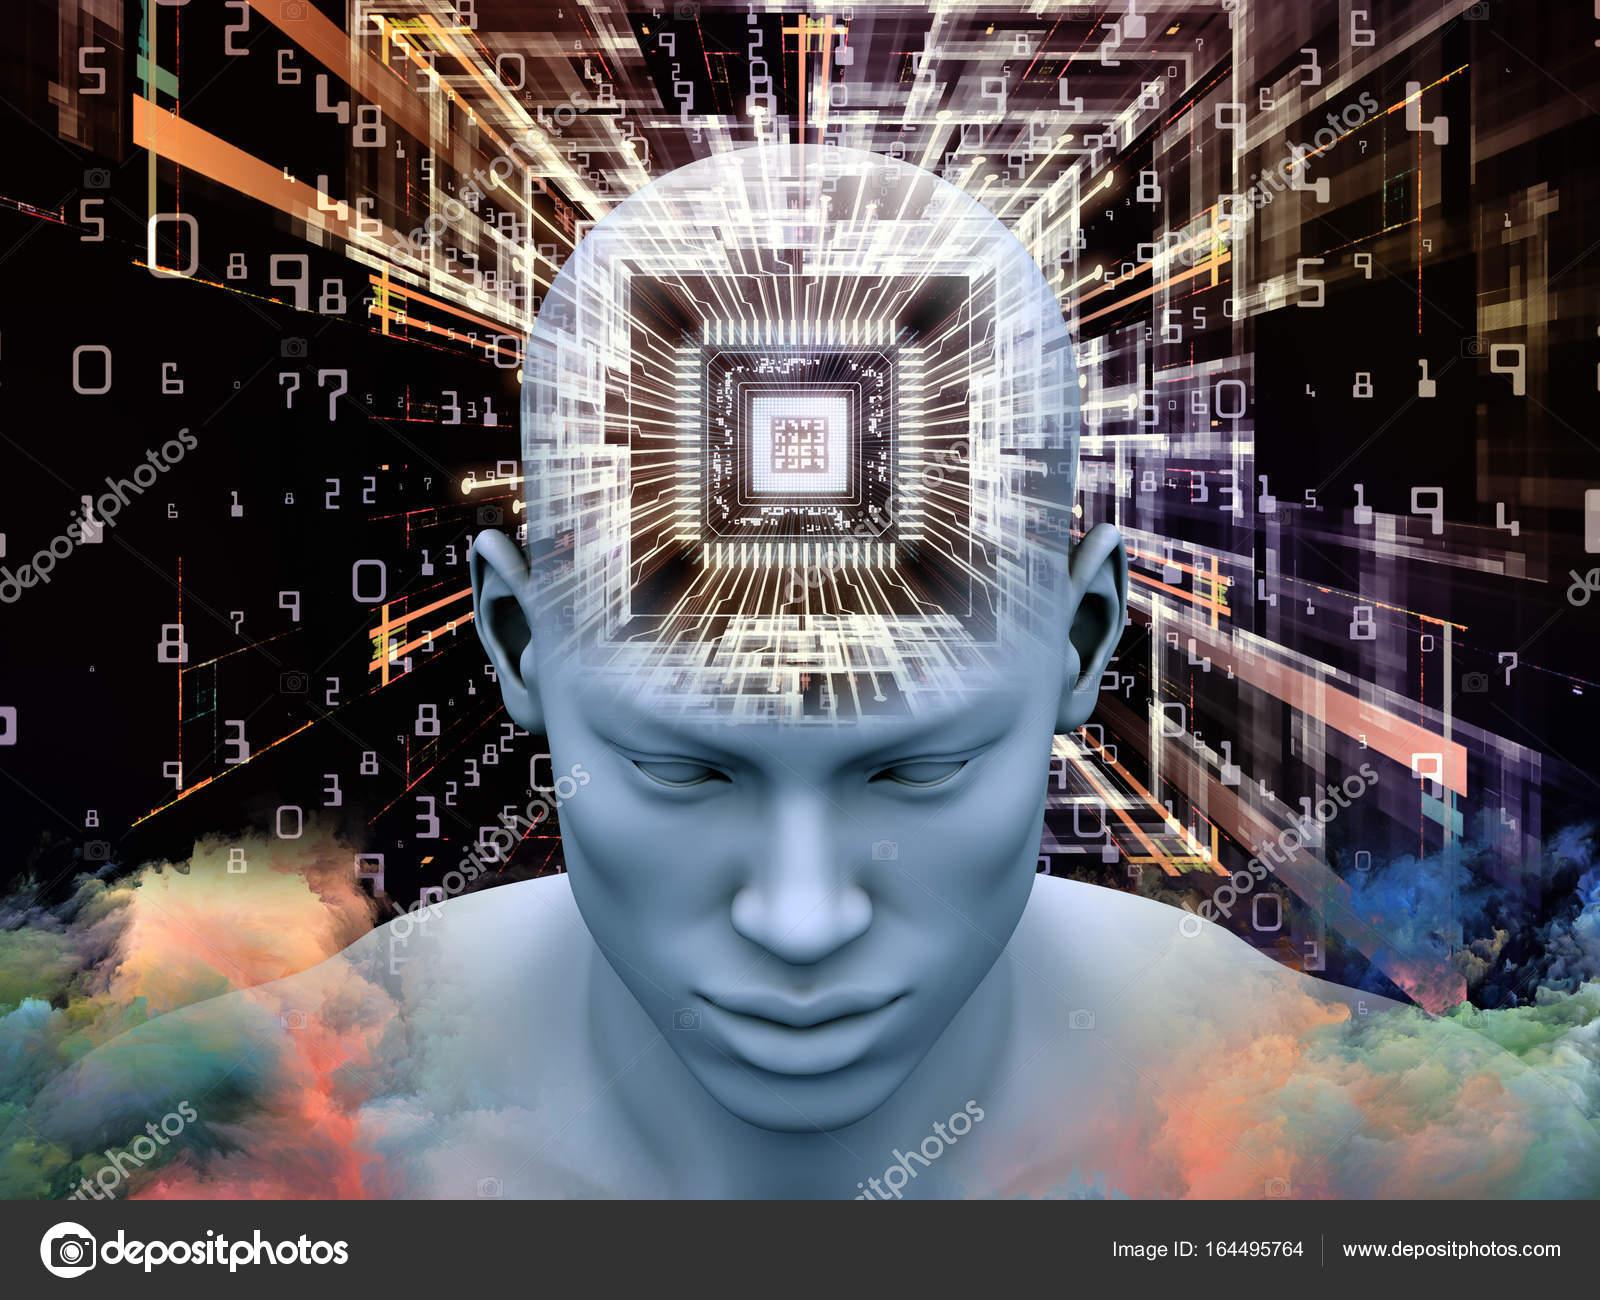 Смотреть Иллюстрация соскоростью мысли видео